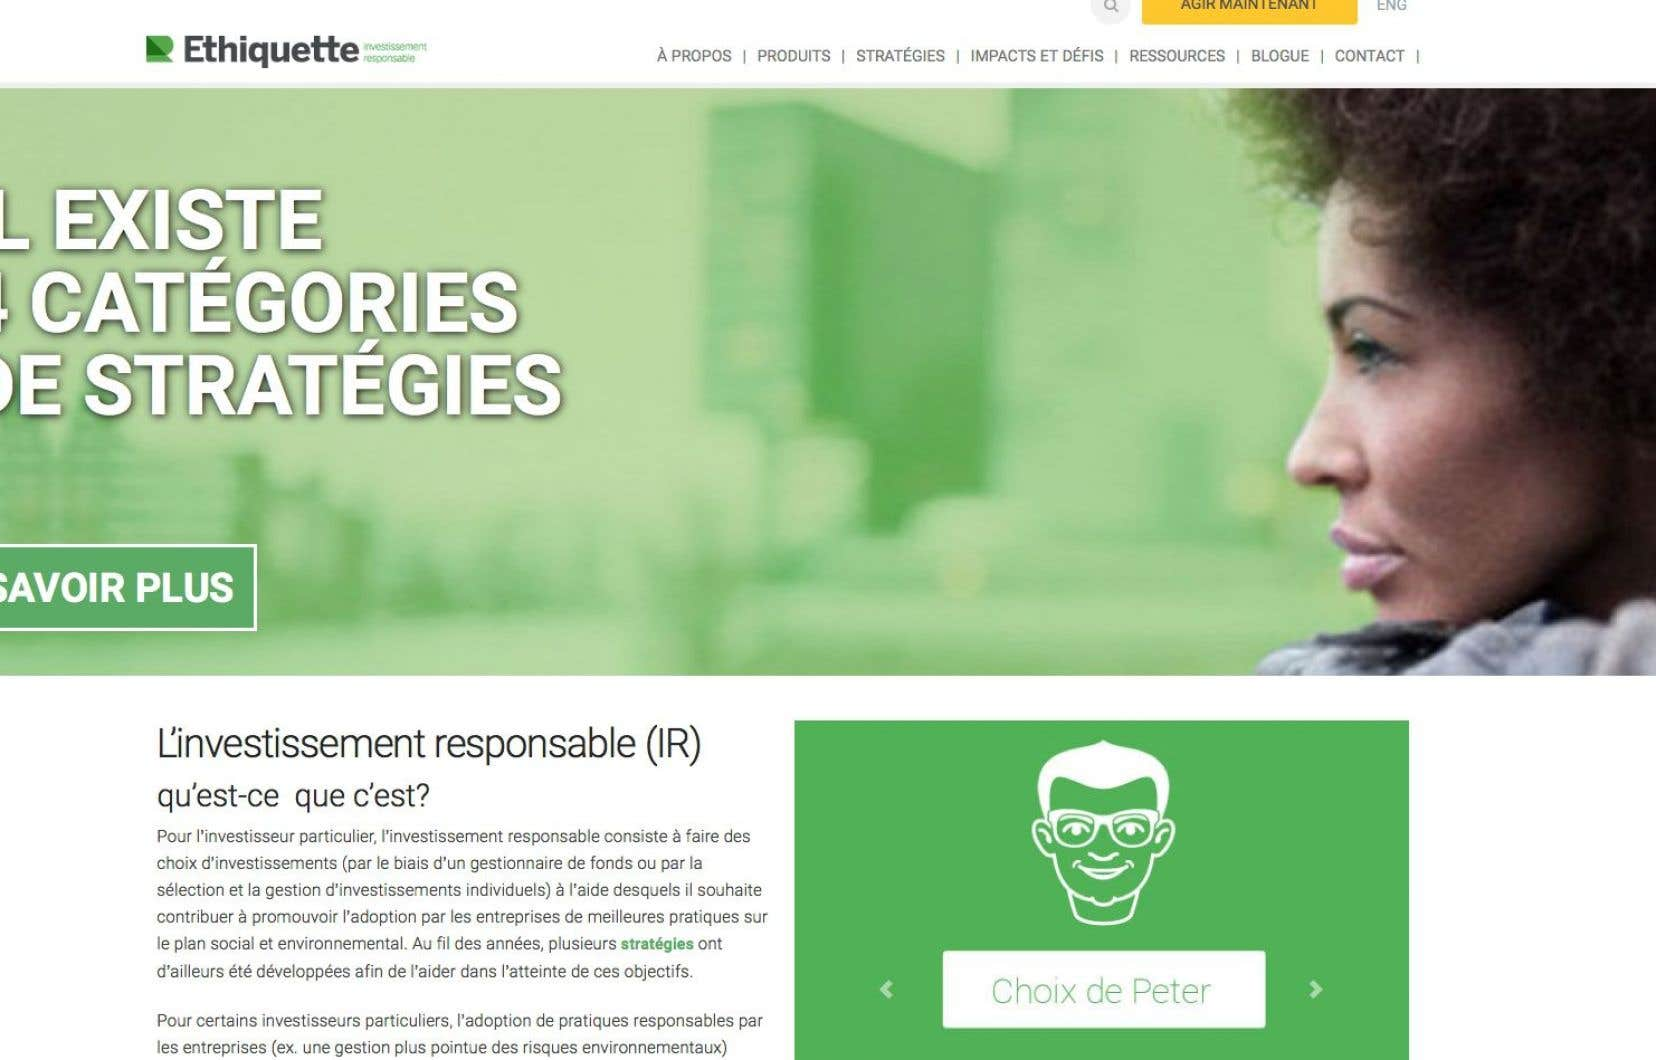 Le site Ethiquette est une initiative de l'Observatoire de la consommation responsable de l'UQAM.